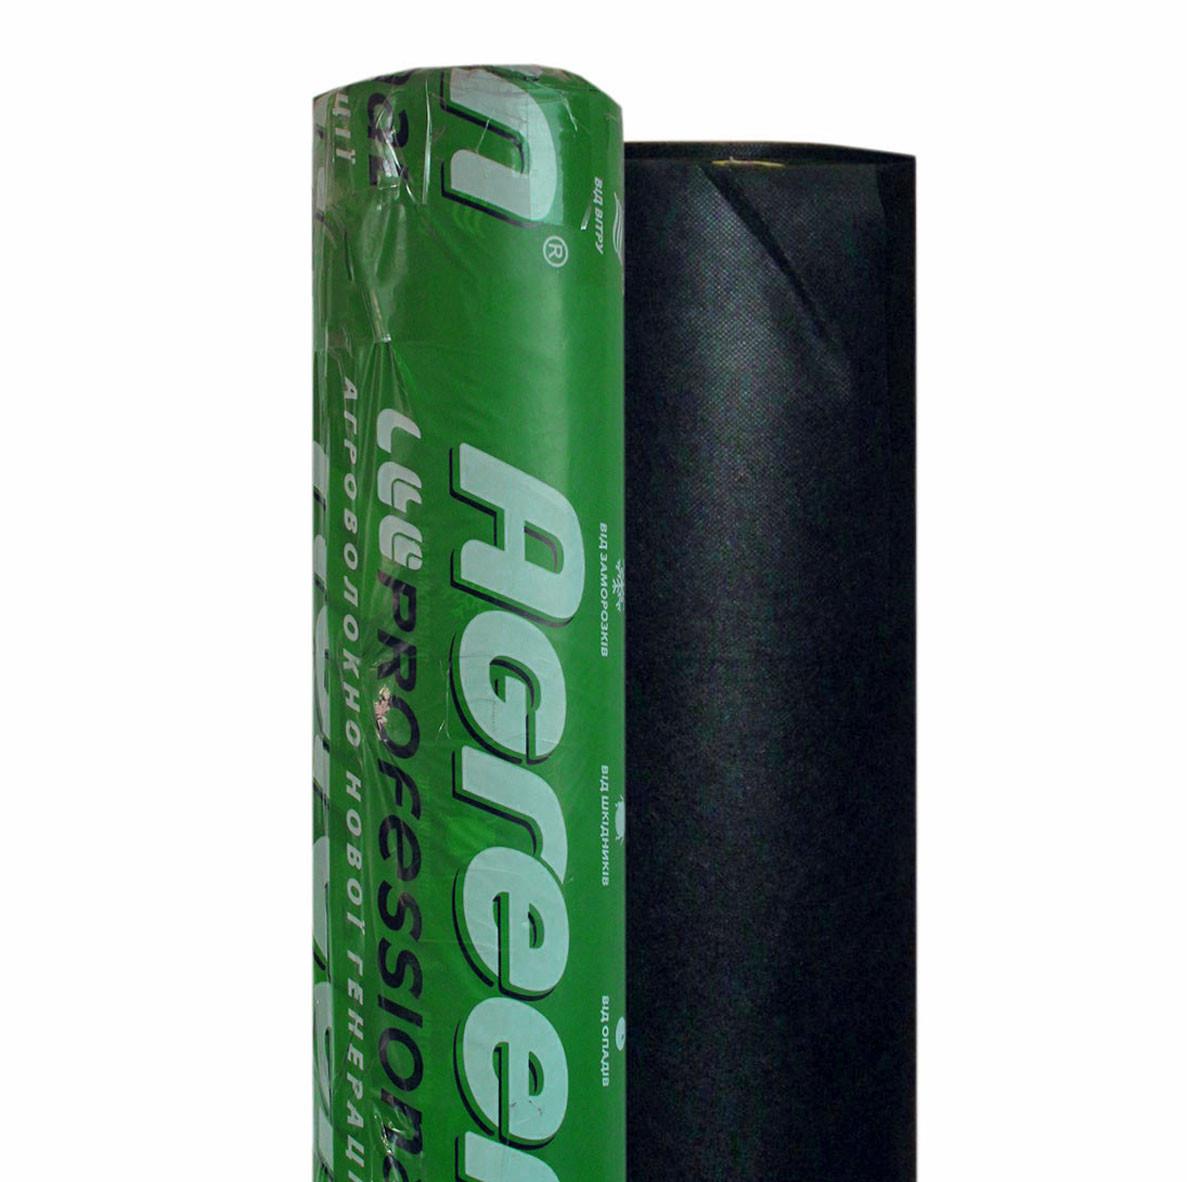 Агроволокно Agreen 50 - (1.07м х 100мп). Агроволокно черное в рулоне.